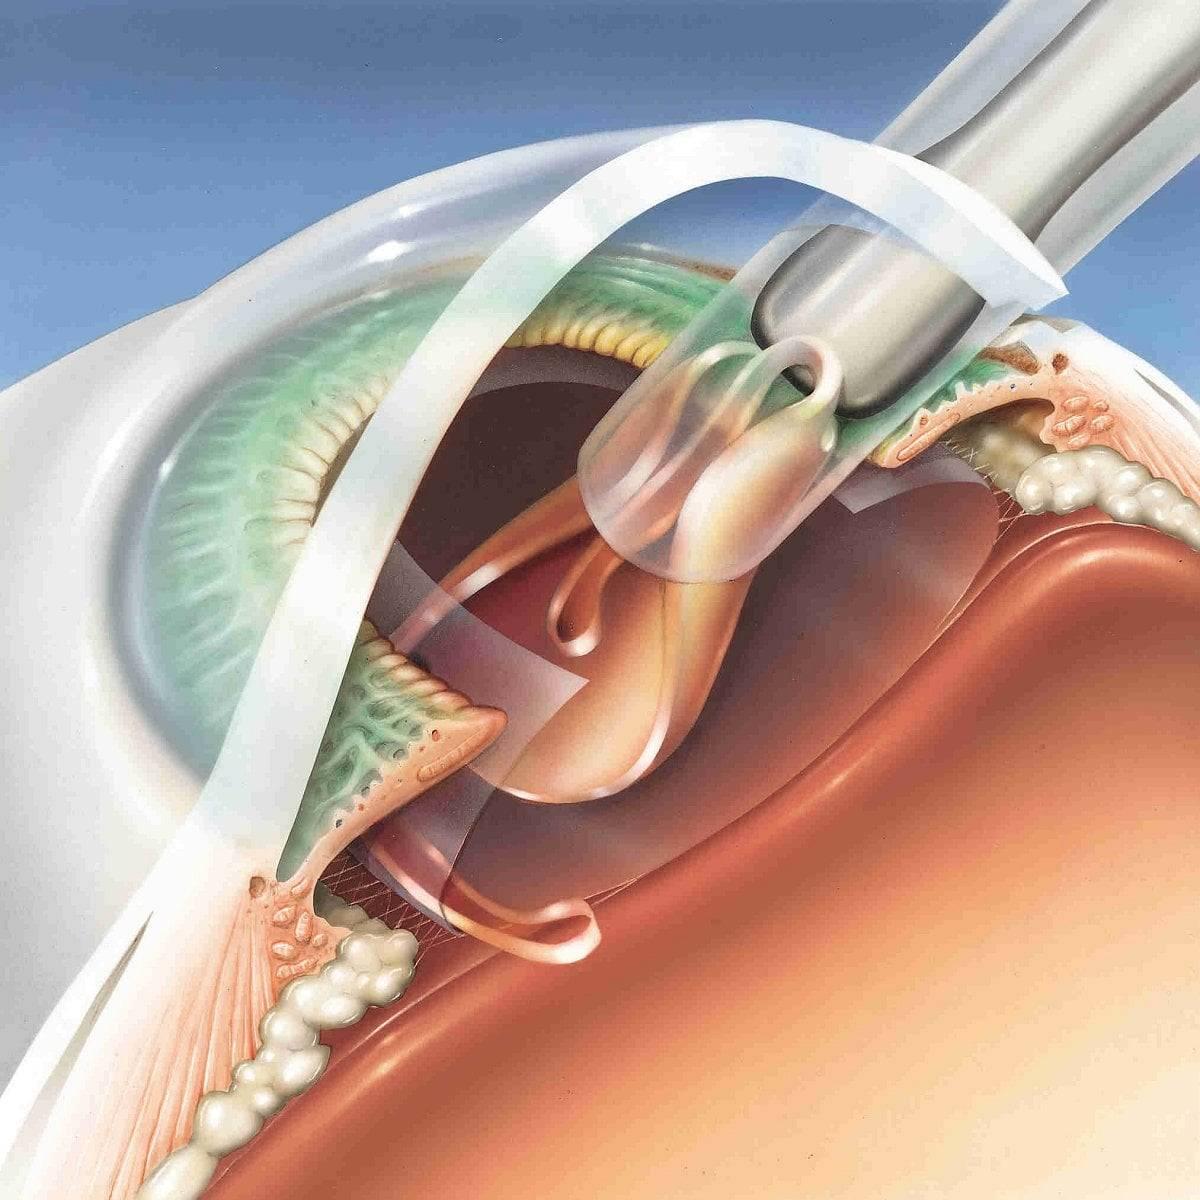 Лечение начальной стадии катаракты: что делать и как остановить развитие